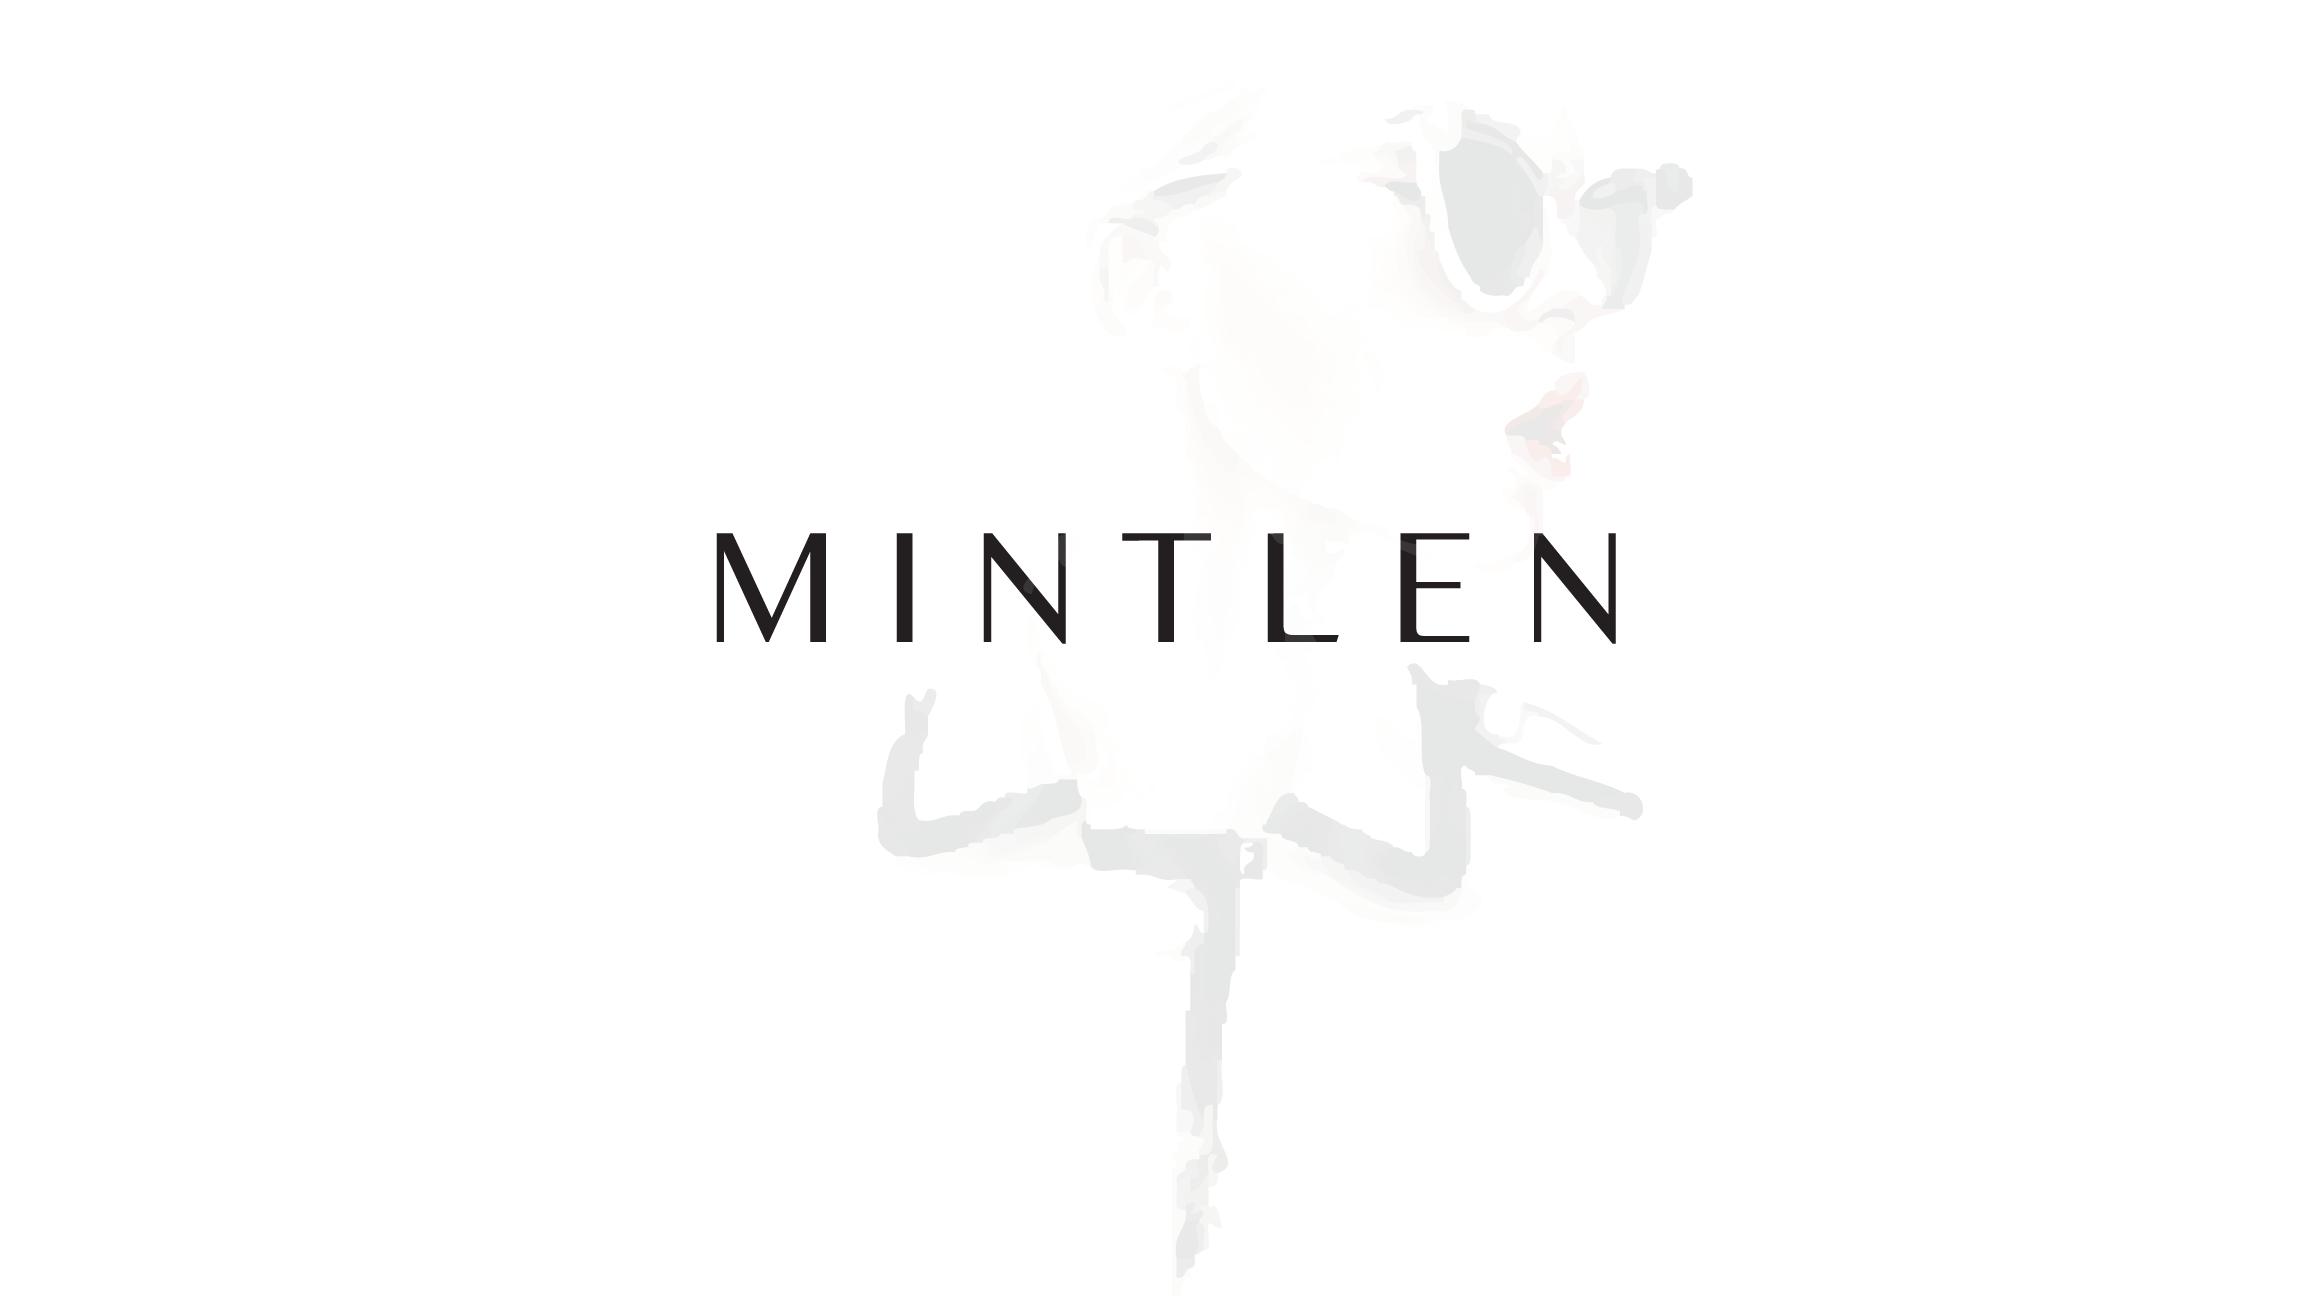 MINTLEN - A Men's Fashion Brand